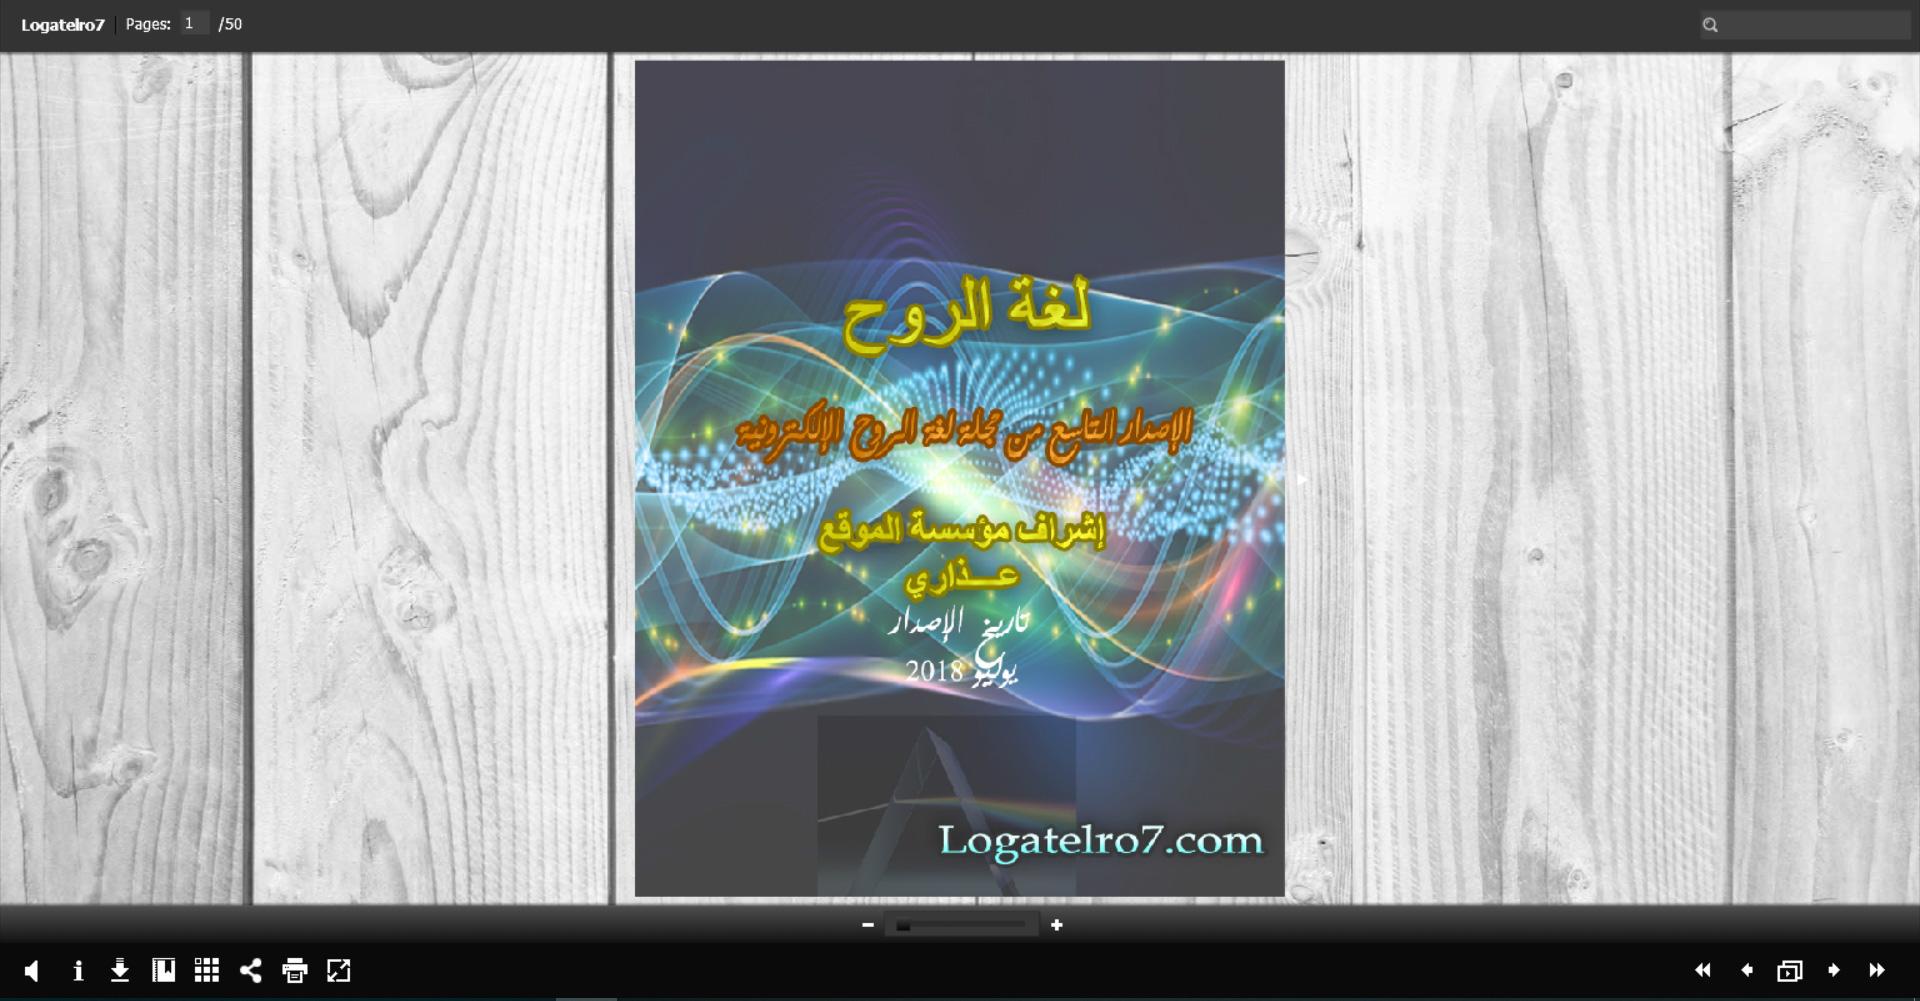 العدد التاسع مجلة الروح الإلكترونية